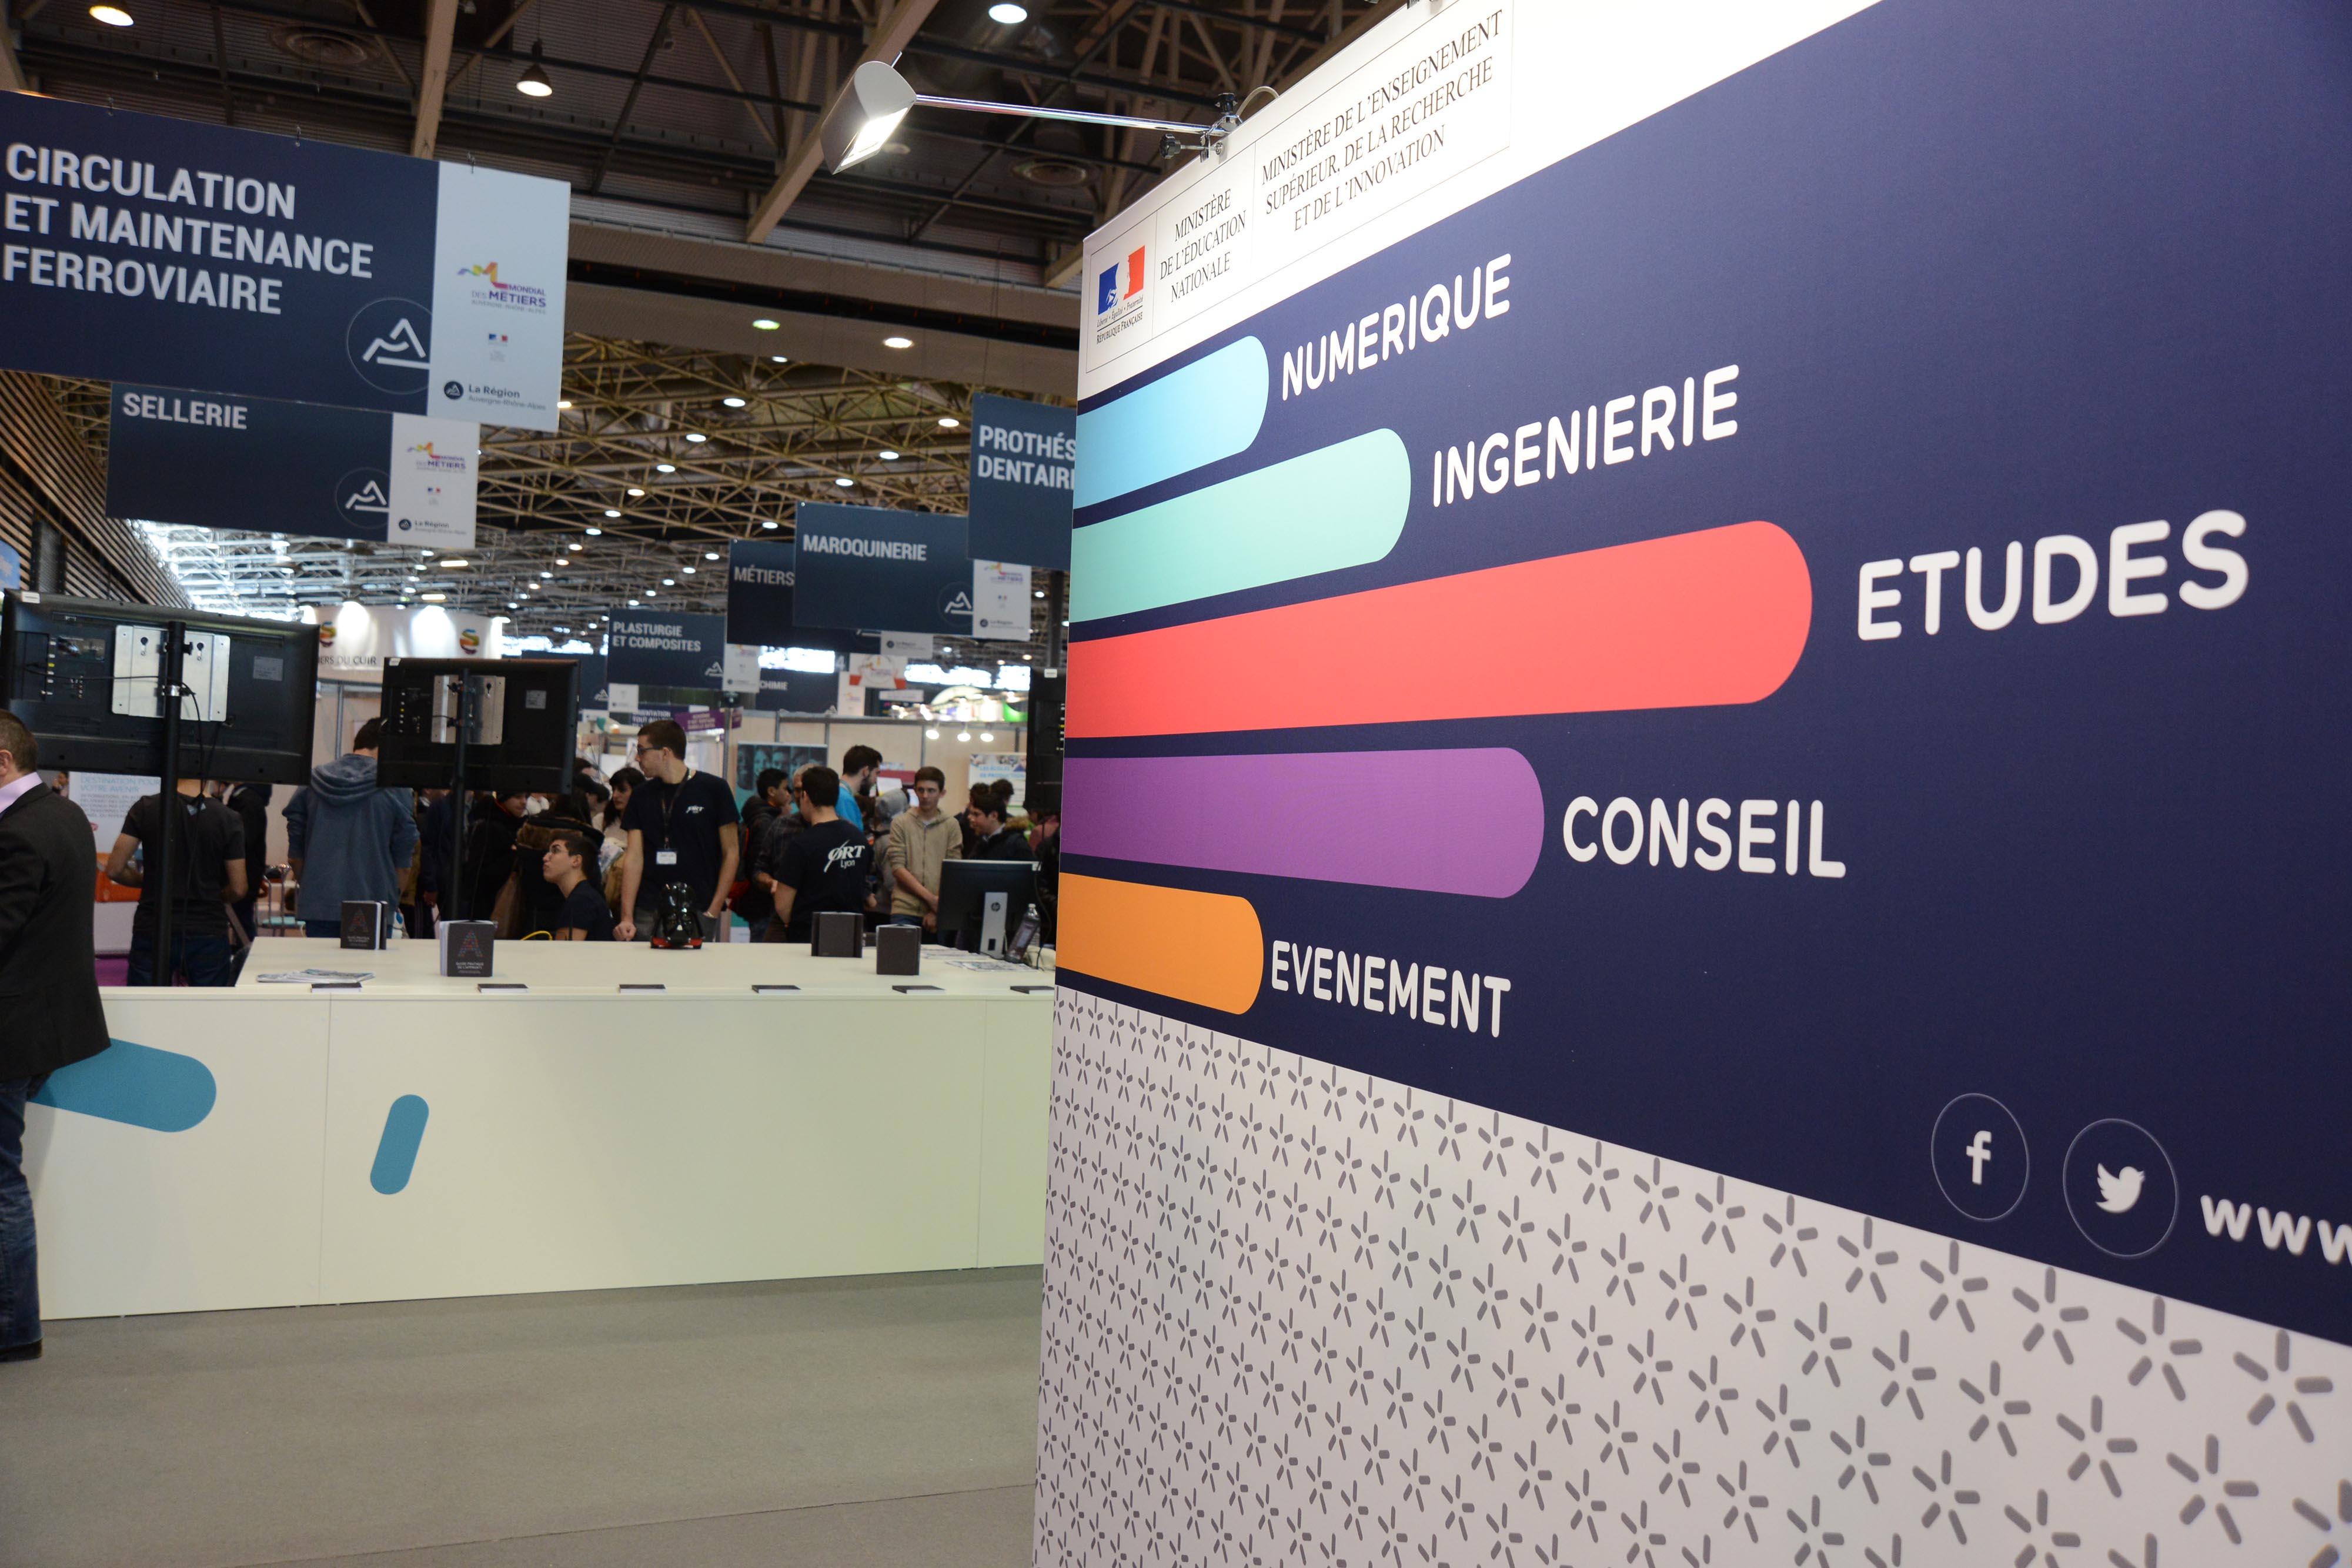 Plus de 16 % de croissance pour les métiers du numérique, de l'ingénierie, du conseil, des études et des métiers de l'événement en région Auvergne-Rhône-Alpes !